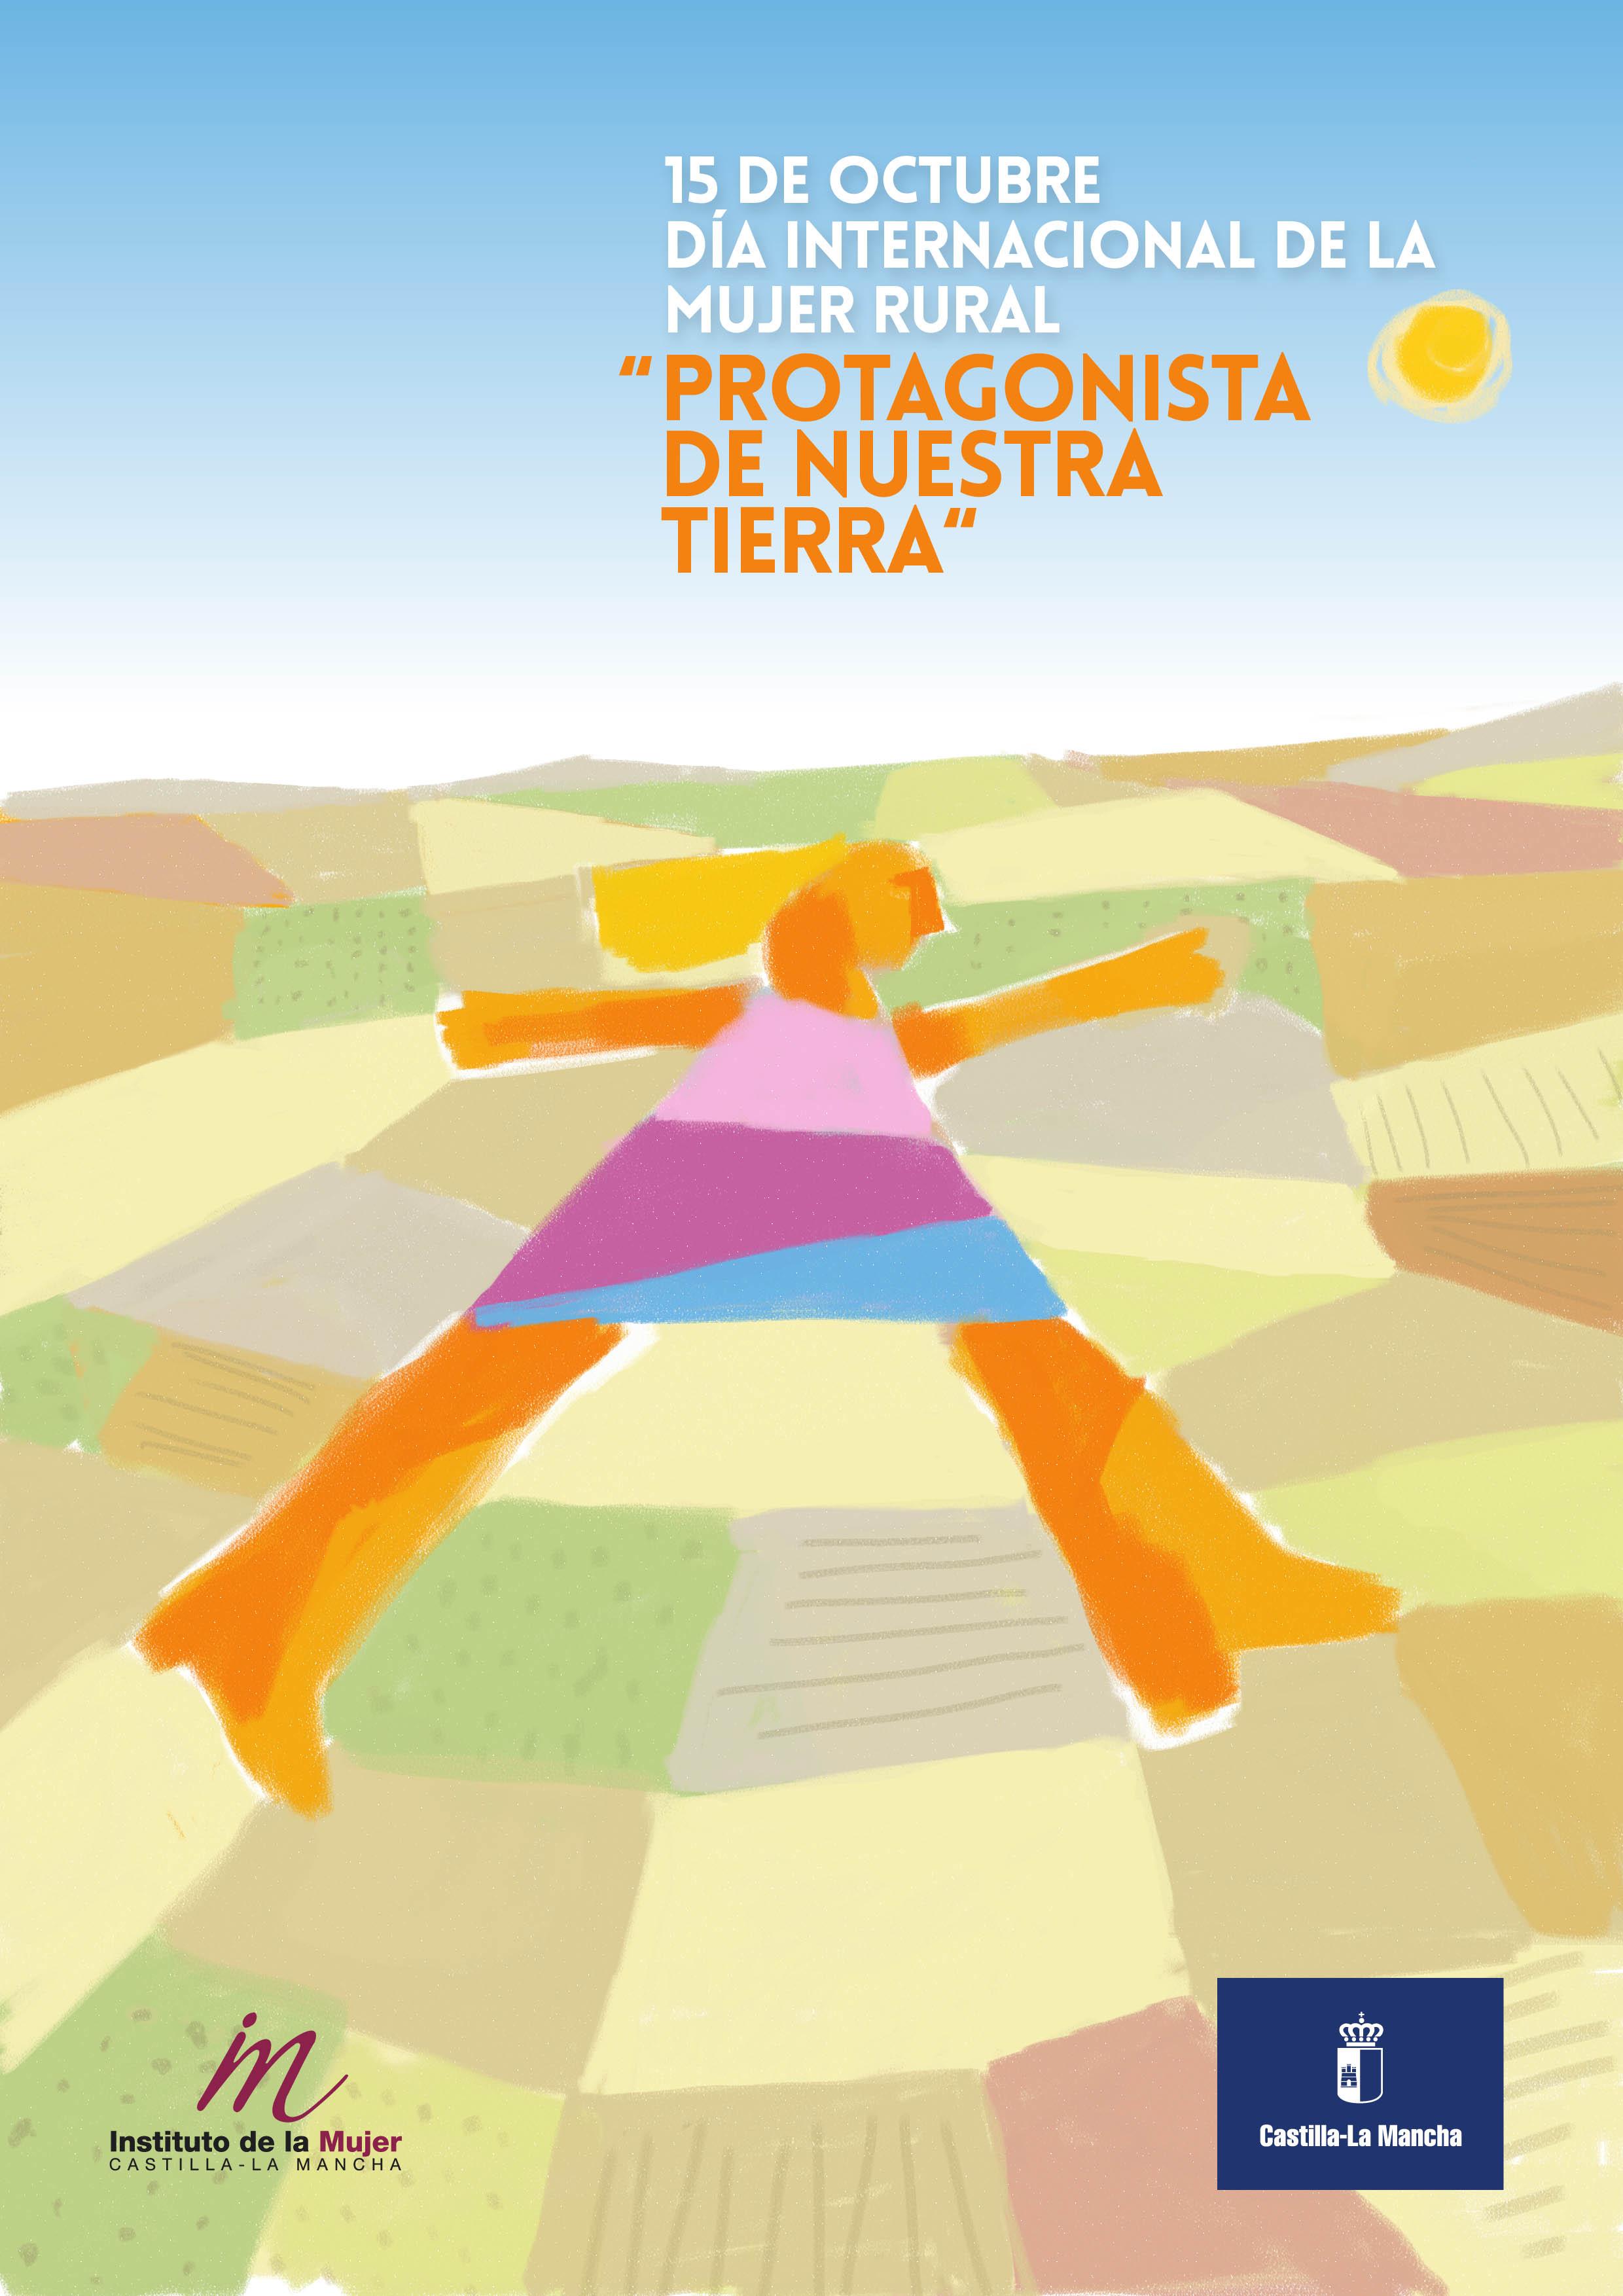 Día Internacional de la Mujer Rural 2013